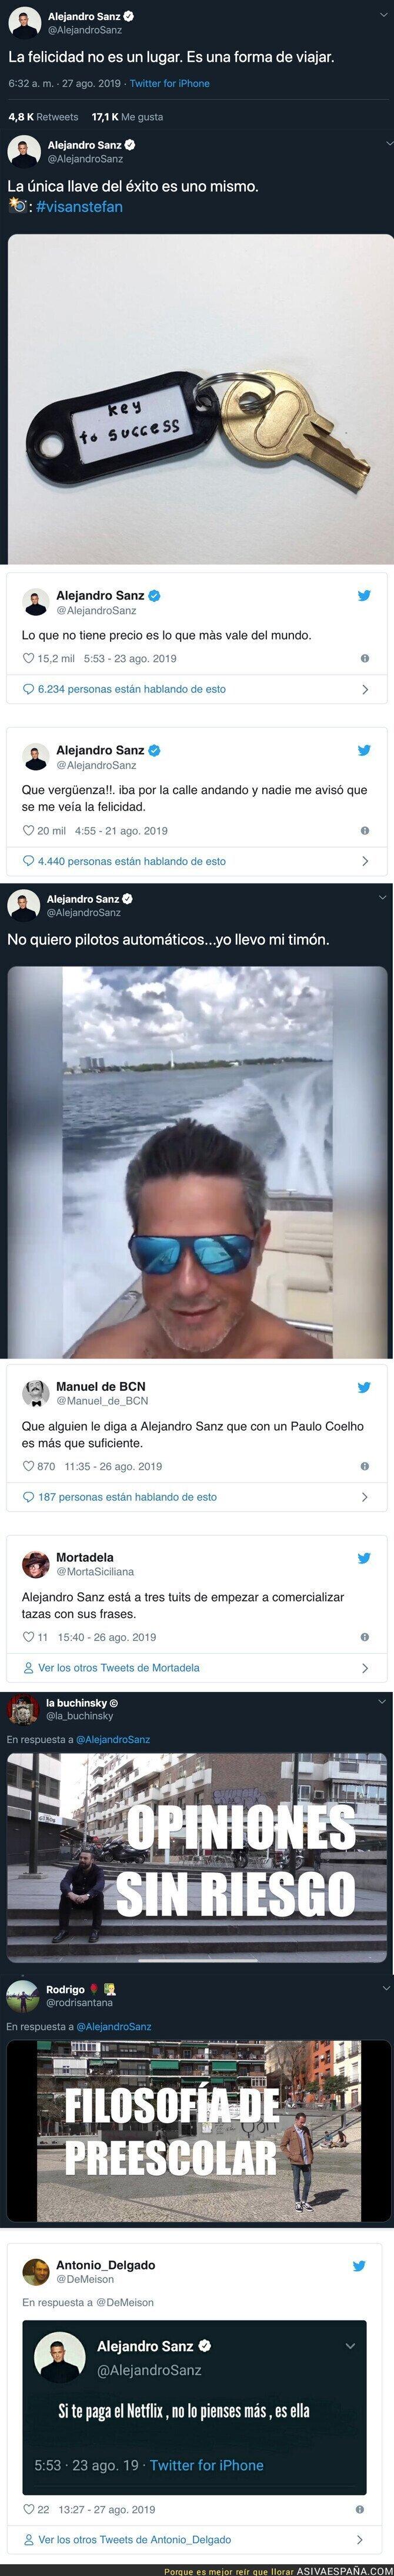 119783 - Todo el mundo se está riendo de Alejandro Sanz por los tuits filosóficos que está poniendo dignos de un niño de 10 años